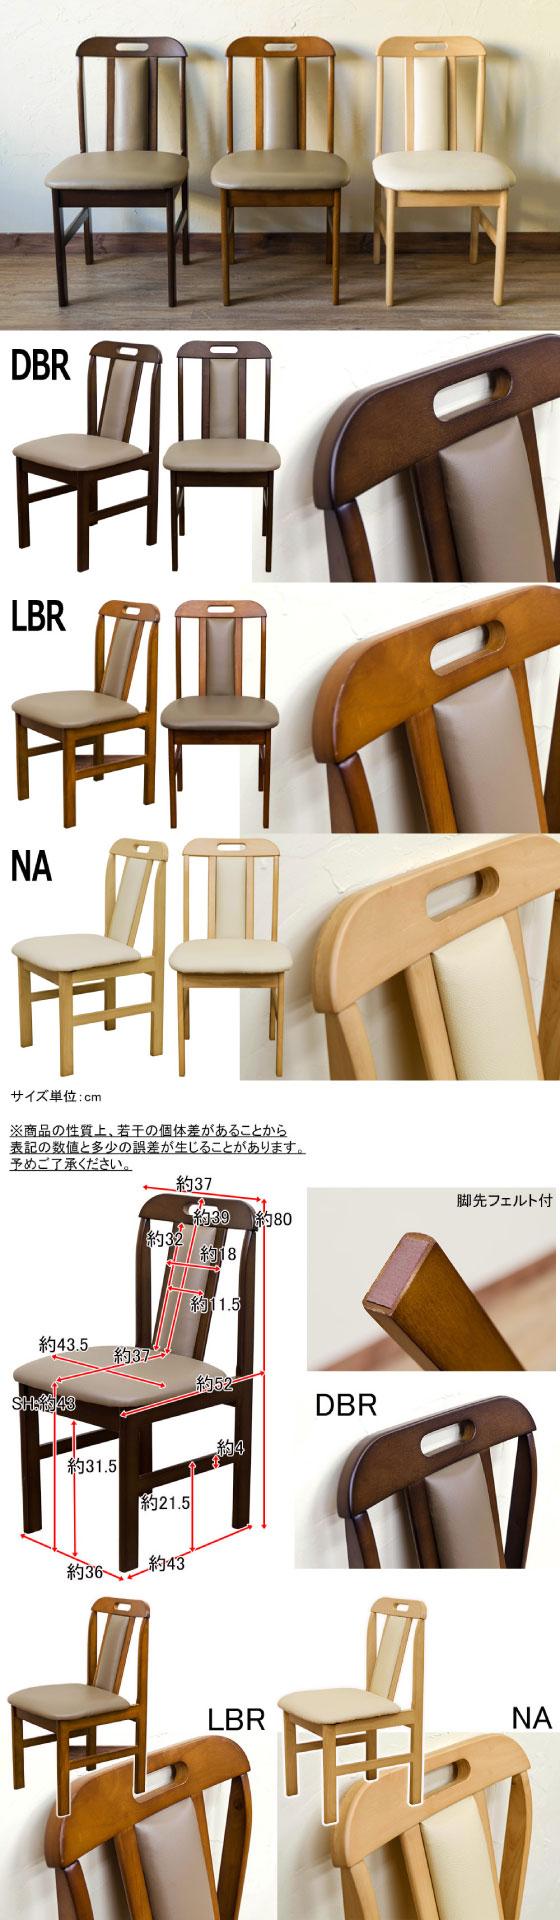 天然木&PVCレザー製・ダイニングチェア(2脚セット・完成品)